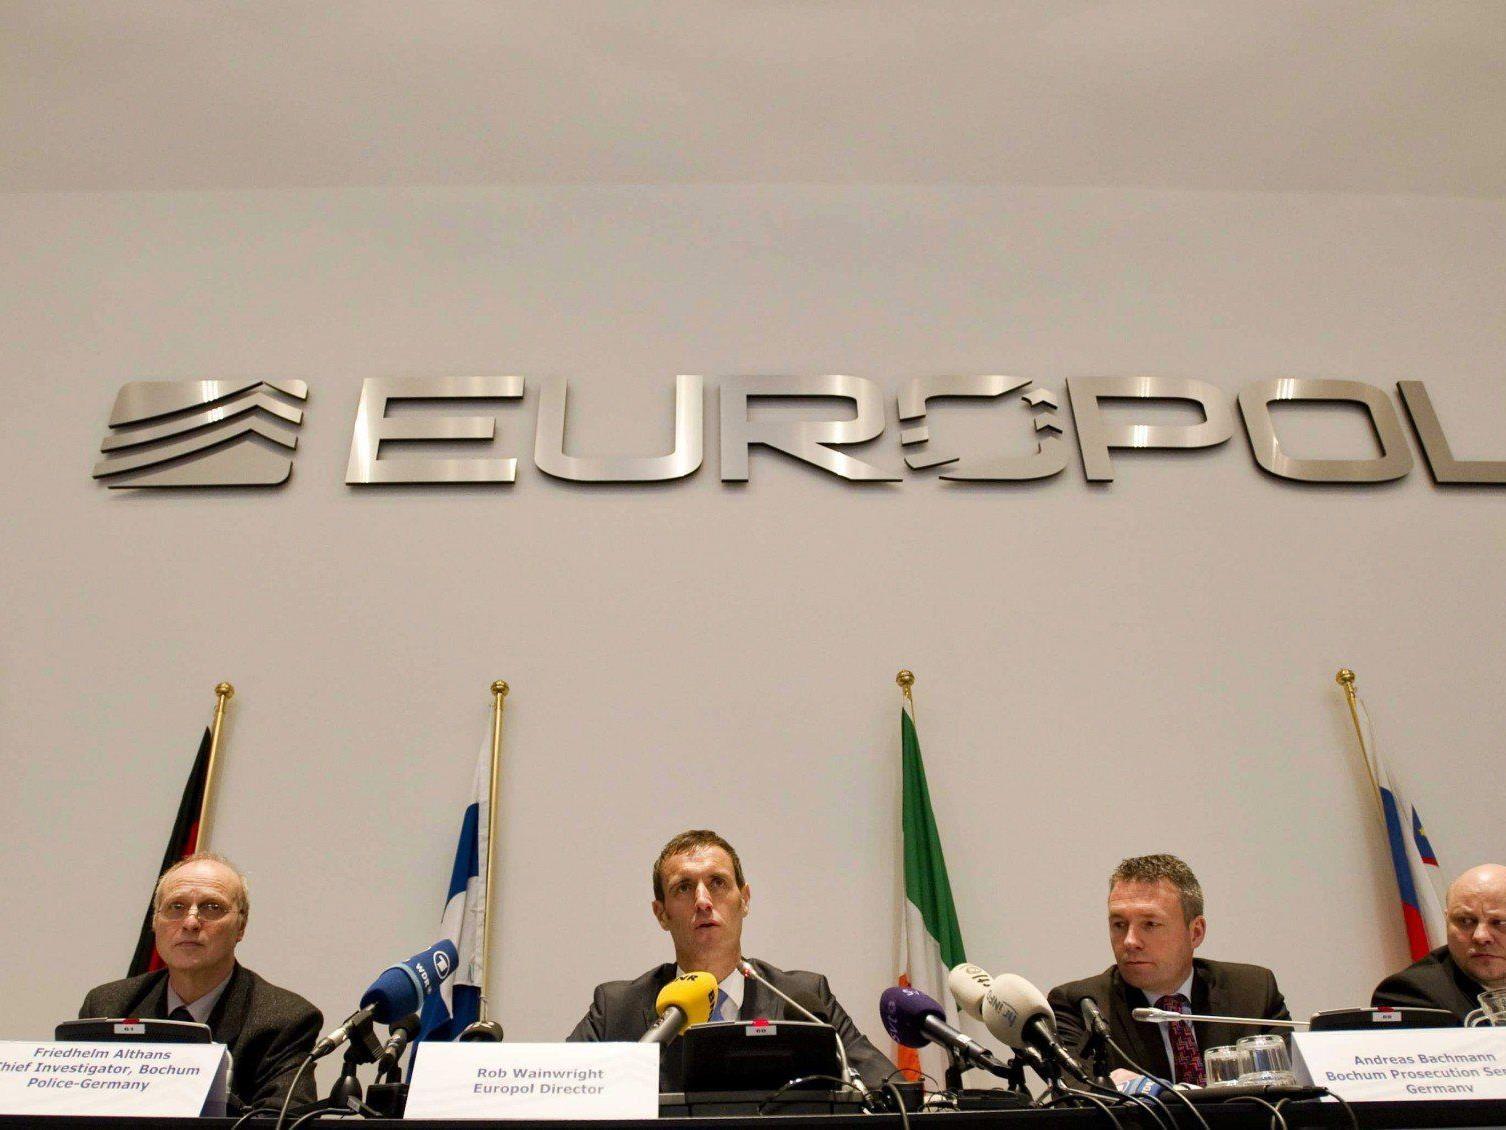 Die Europol hat rund 400 Spiele im Verdacht manipuliert worden zu sein.